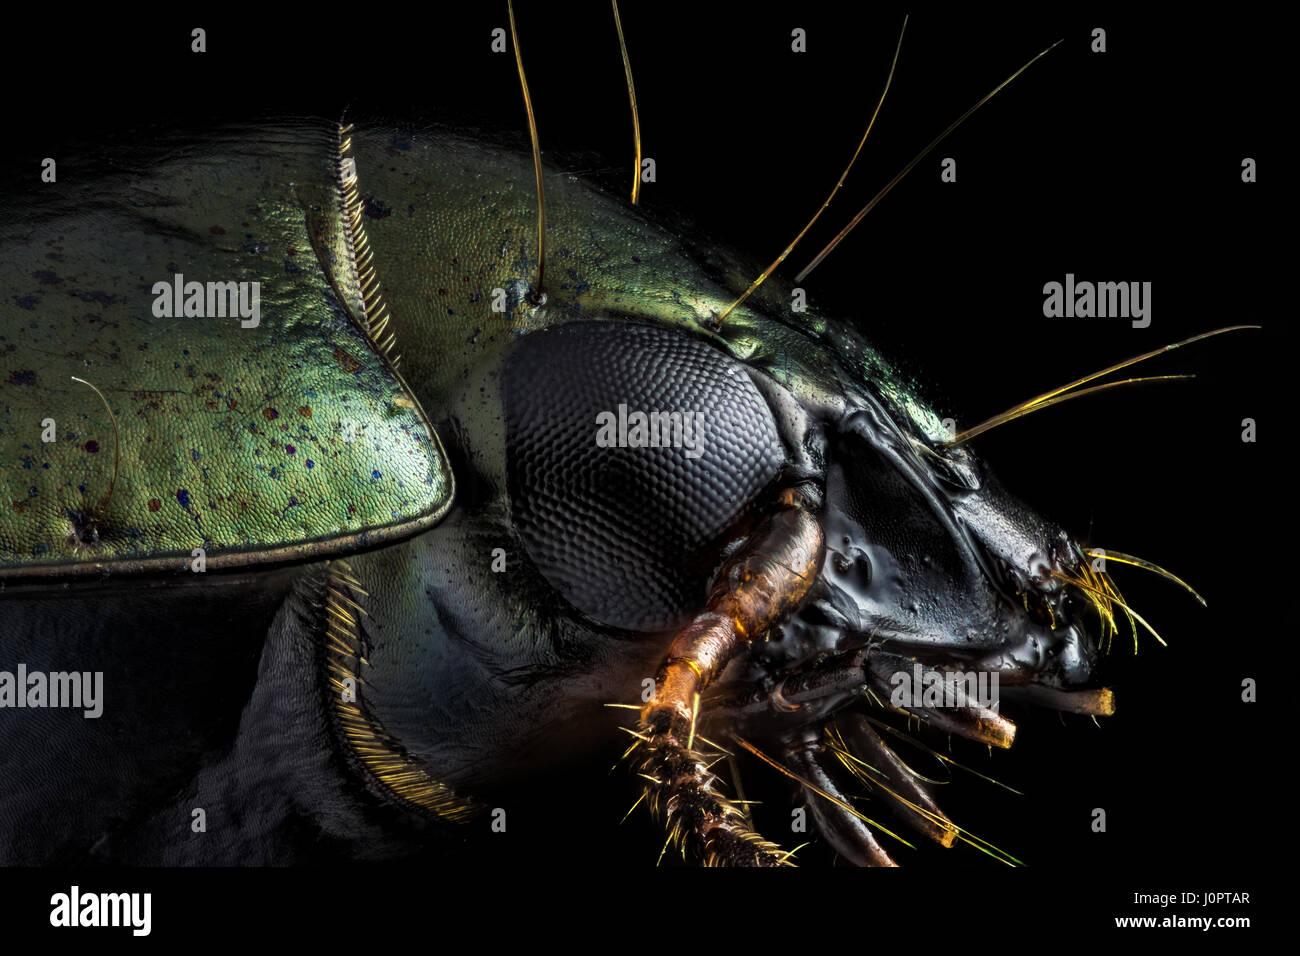 Extreme macro - ritratto di profilo di un verde scarabeo fotografata attraverso un microscopio in corrispondenza Immagini Stock